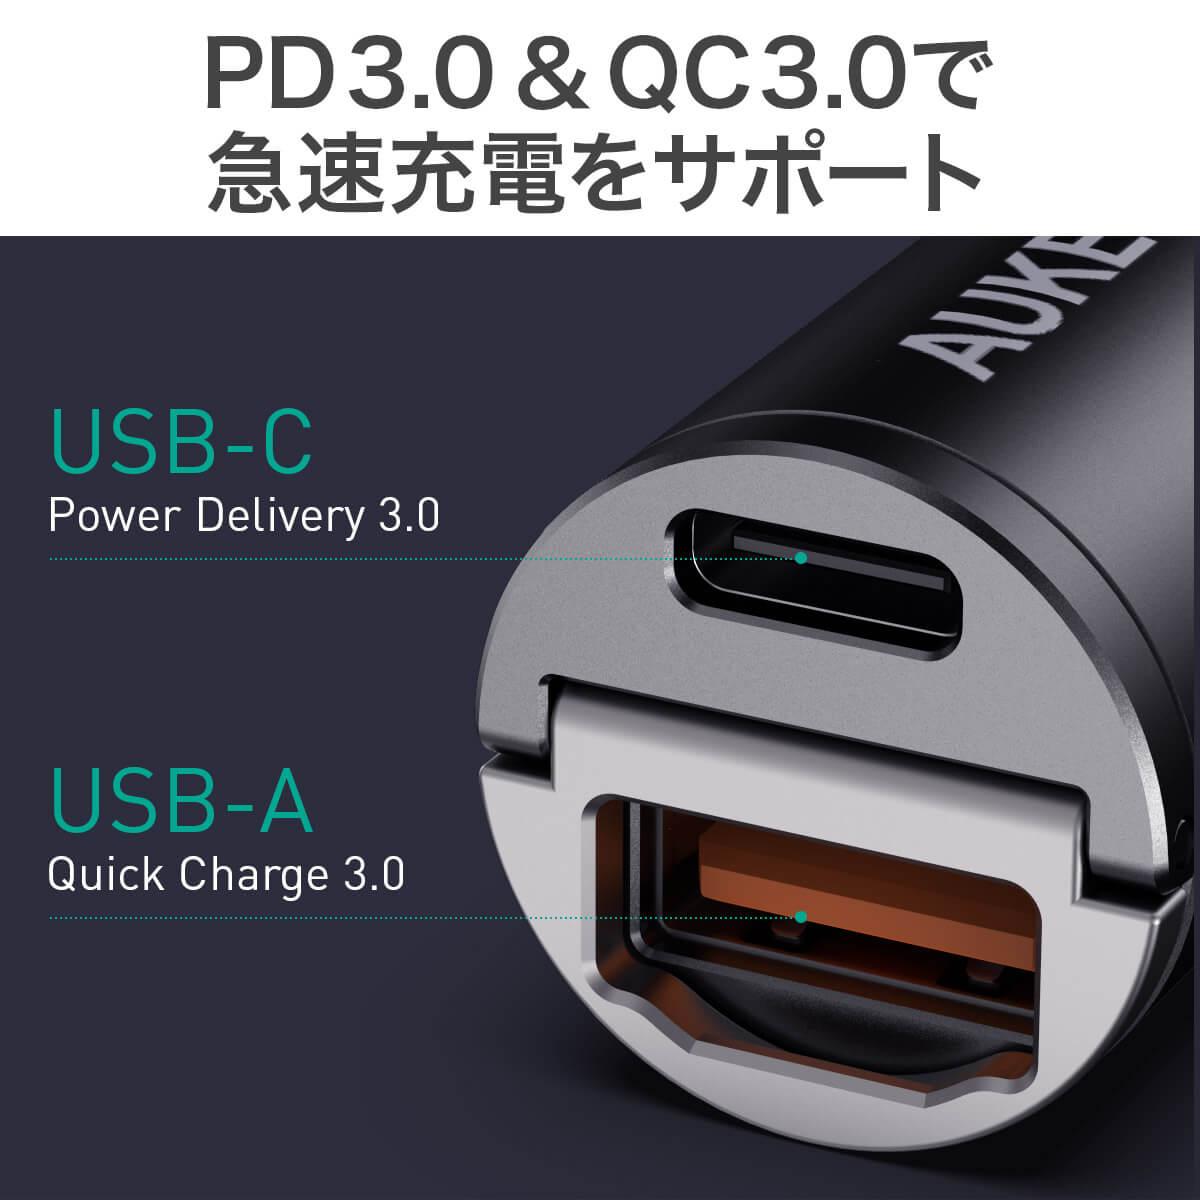 USB-Cにも対応!親指サイズでシガーソケットにぴったりフィットするカーチャージャー「Nano Series 30W」